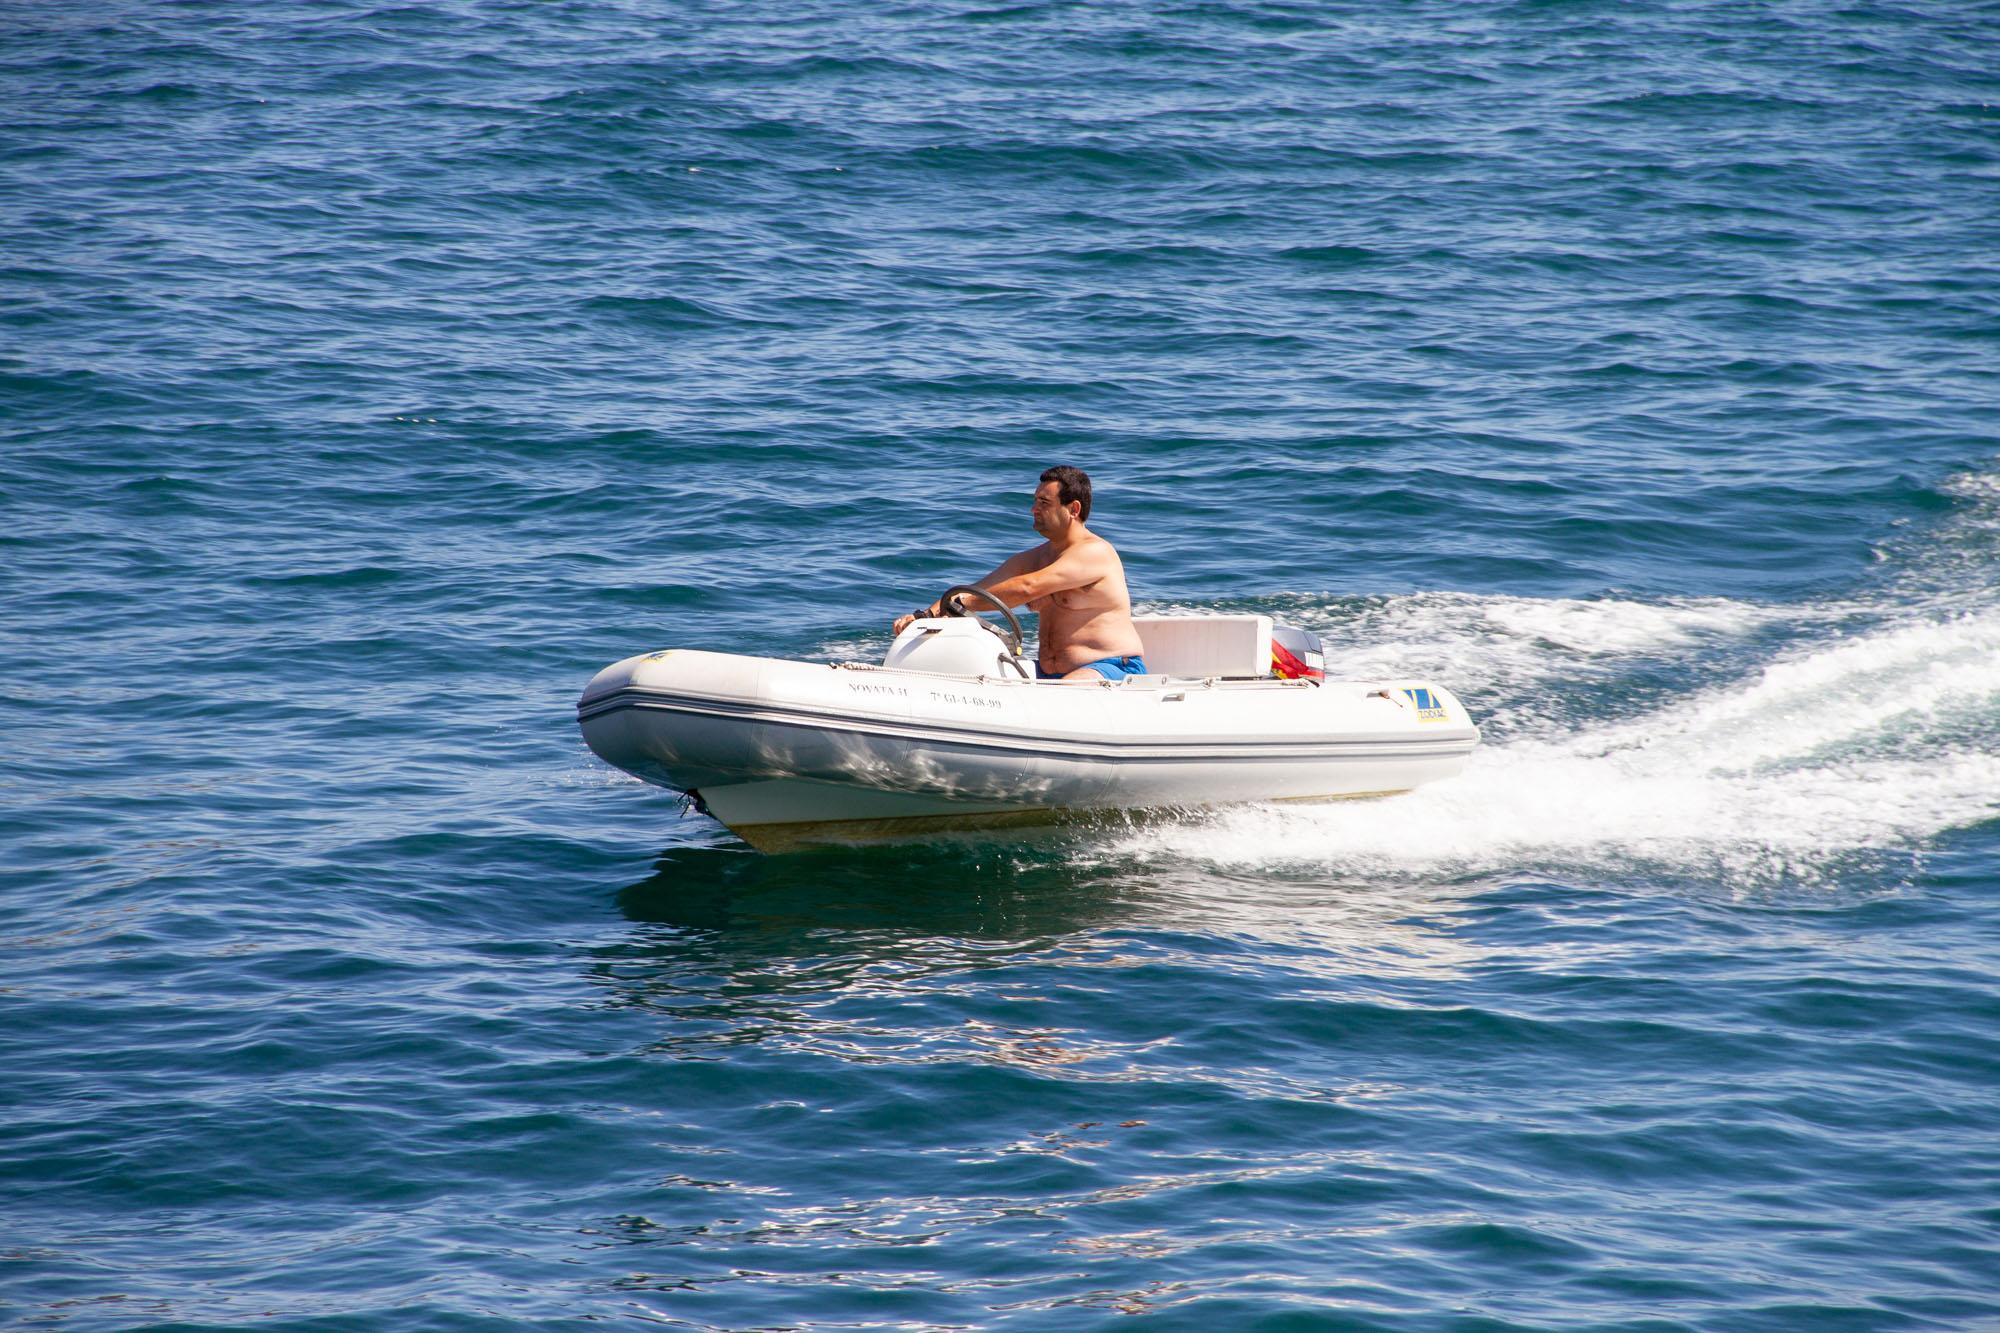 Small Rubber Boat